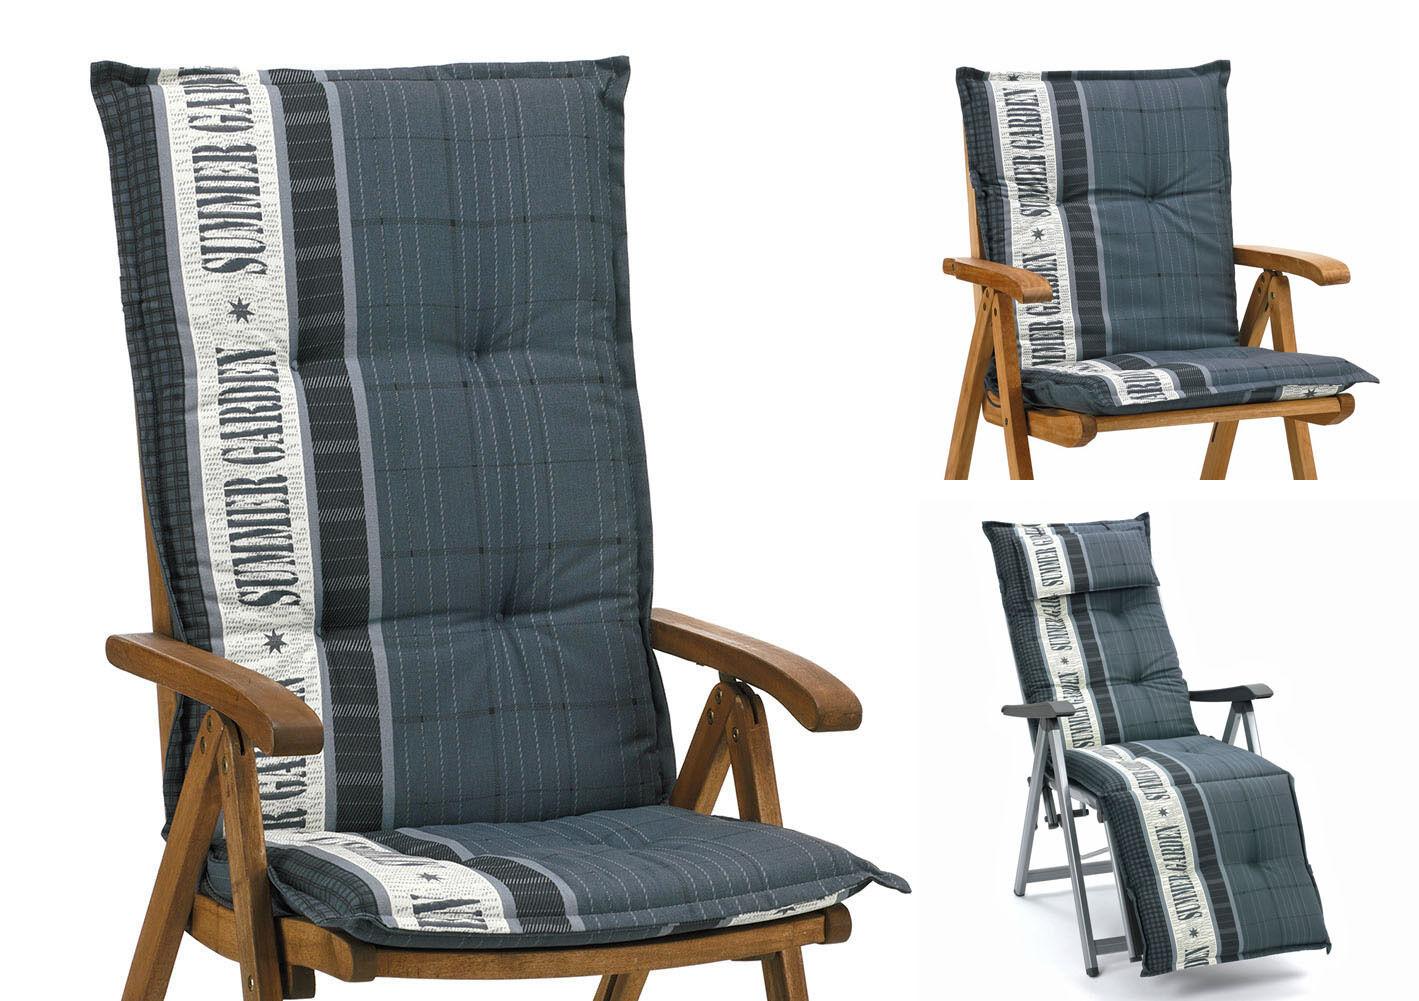 Gartenmöbelauflagen für Sessel Niedriglehner Hochlehner Relaxliegen Stuhl Kissen